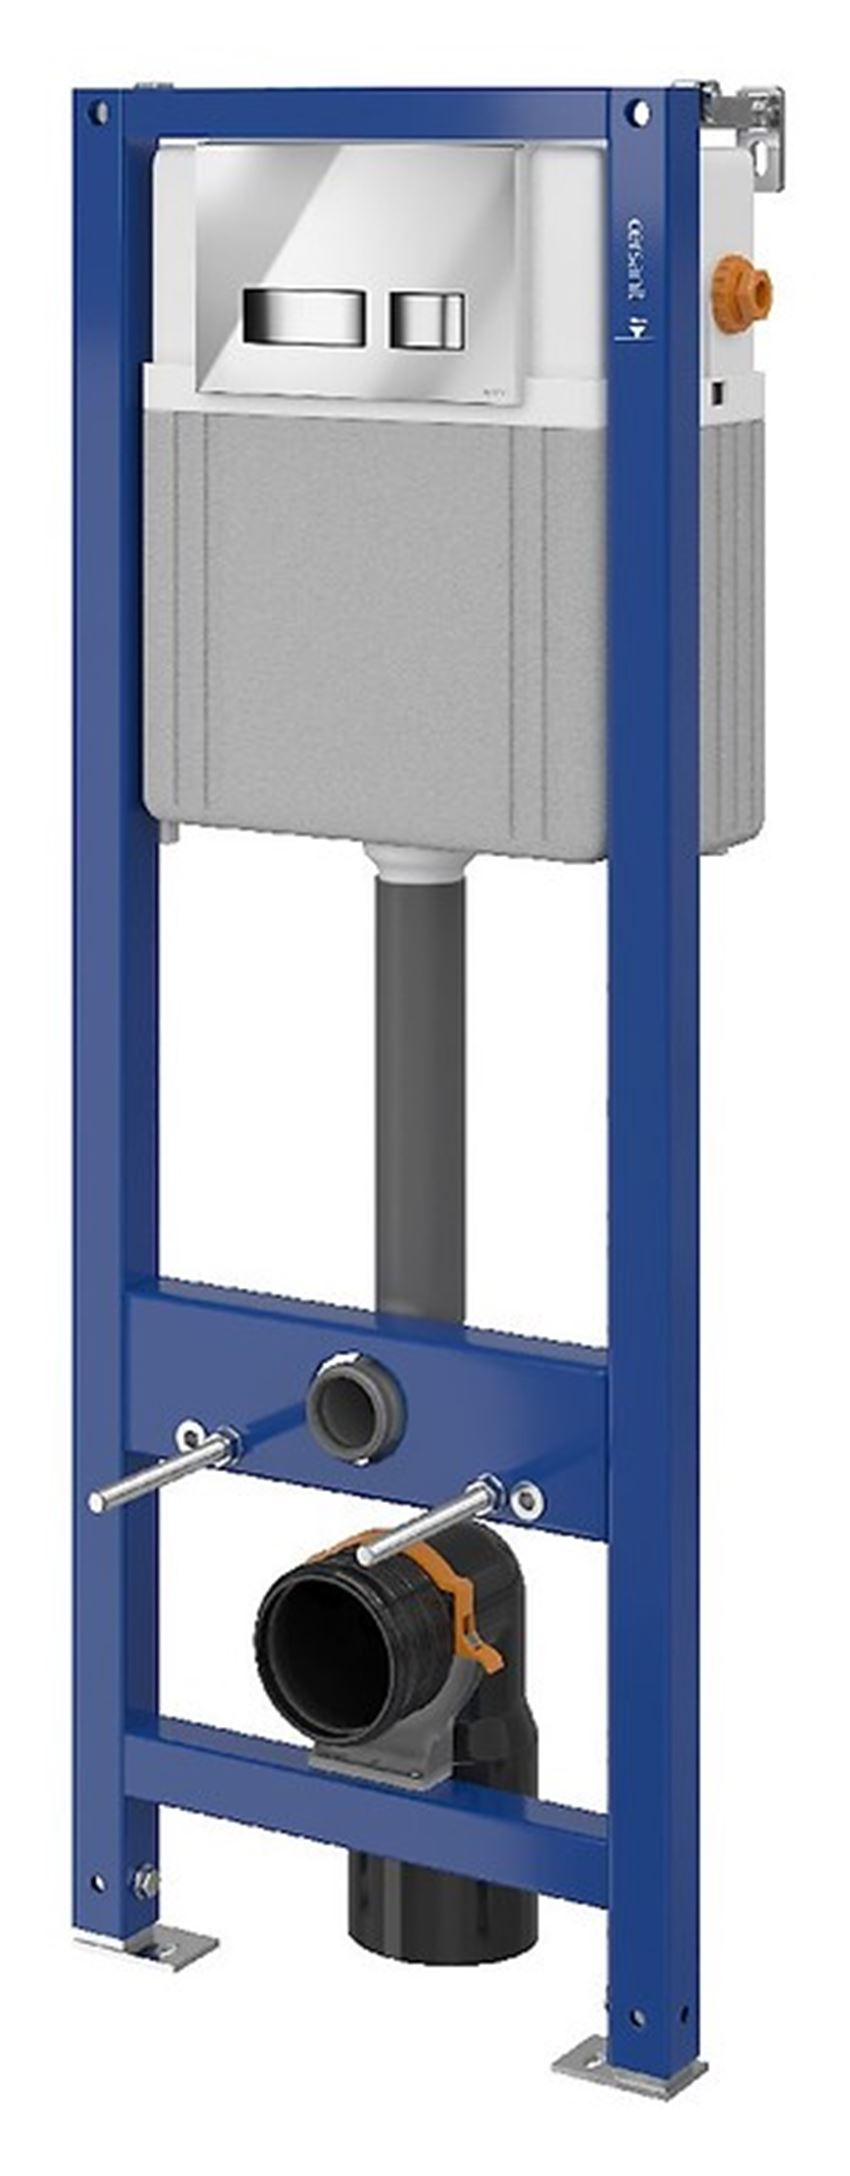 Stelaż podtynkowy do WC z przyciskiem Aqua Seria 2 Cersanit